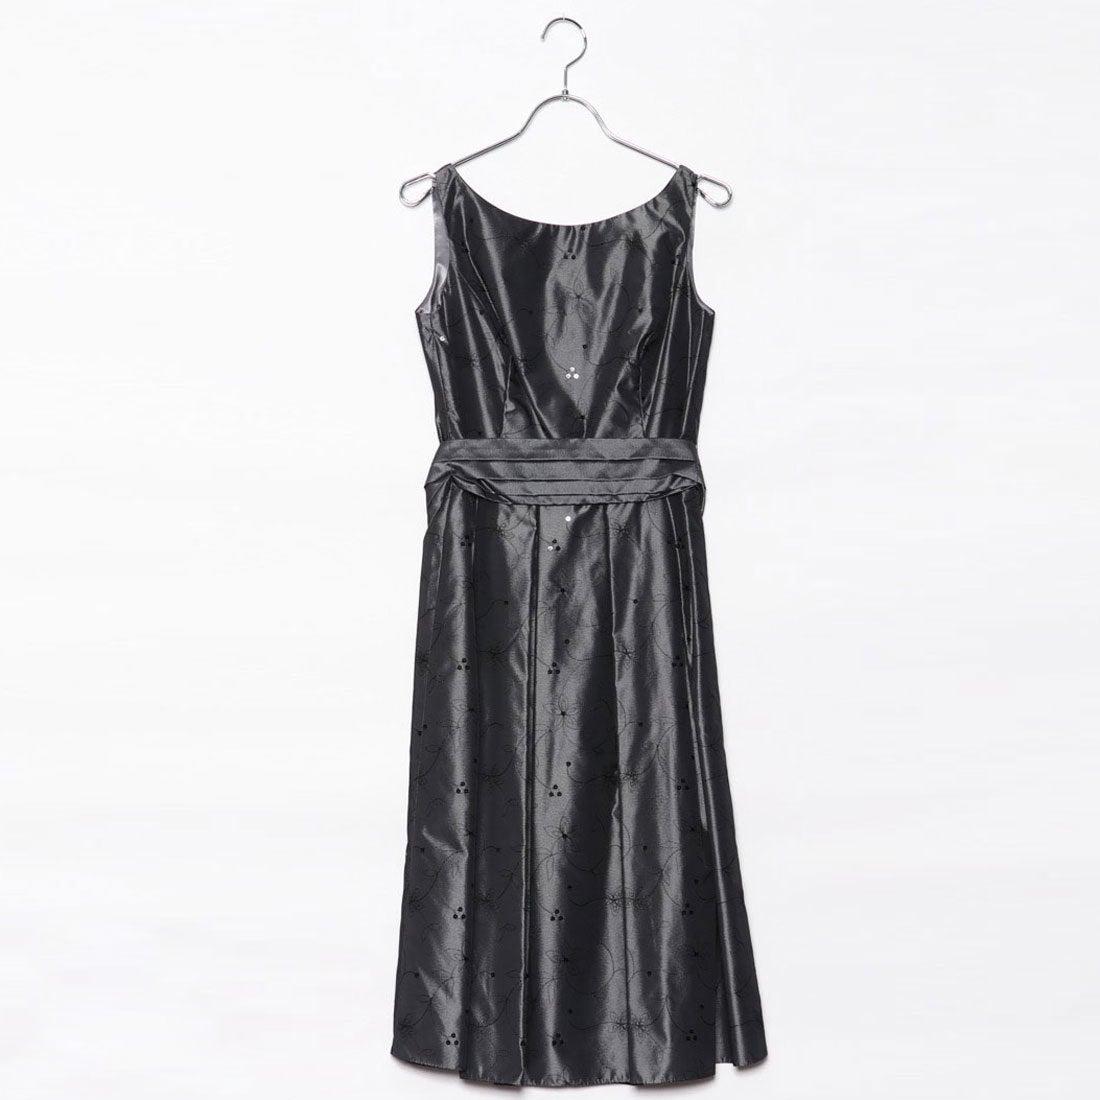 9985760a89d64 ジュネビビアン Genet Vivien ベルト付き刺繍ドレス (ダークグレー) -アウトレット通販 ロコレット (LOCOLET)